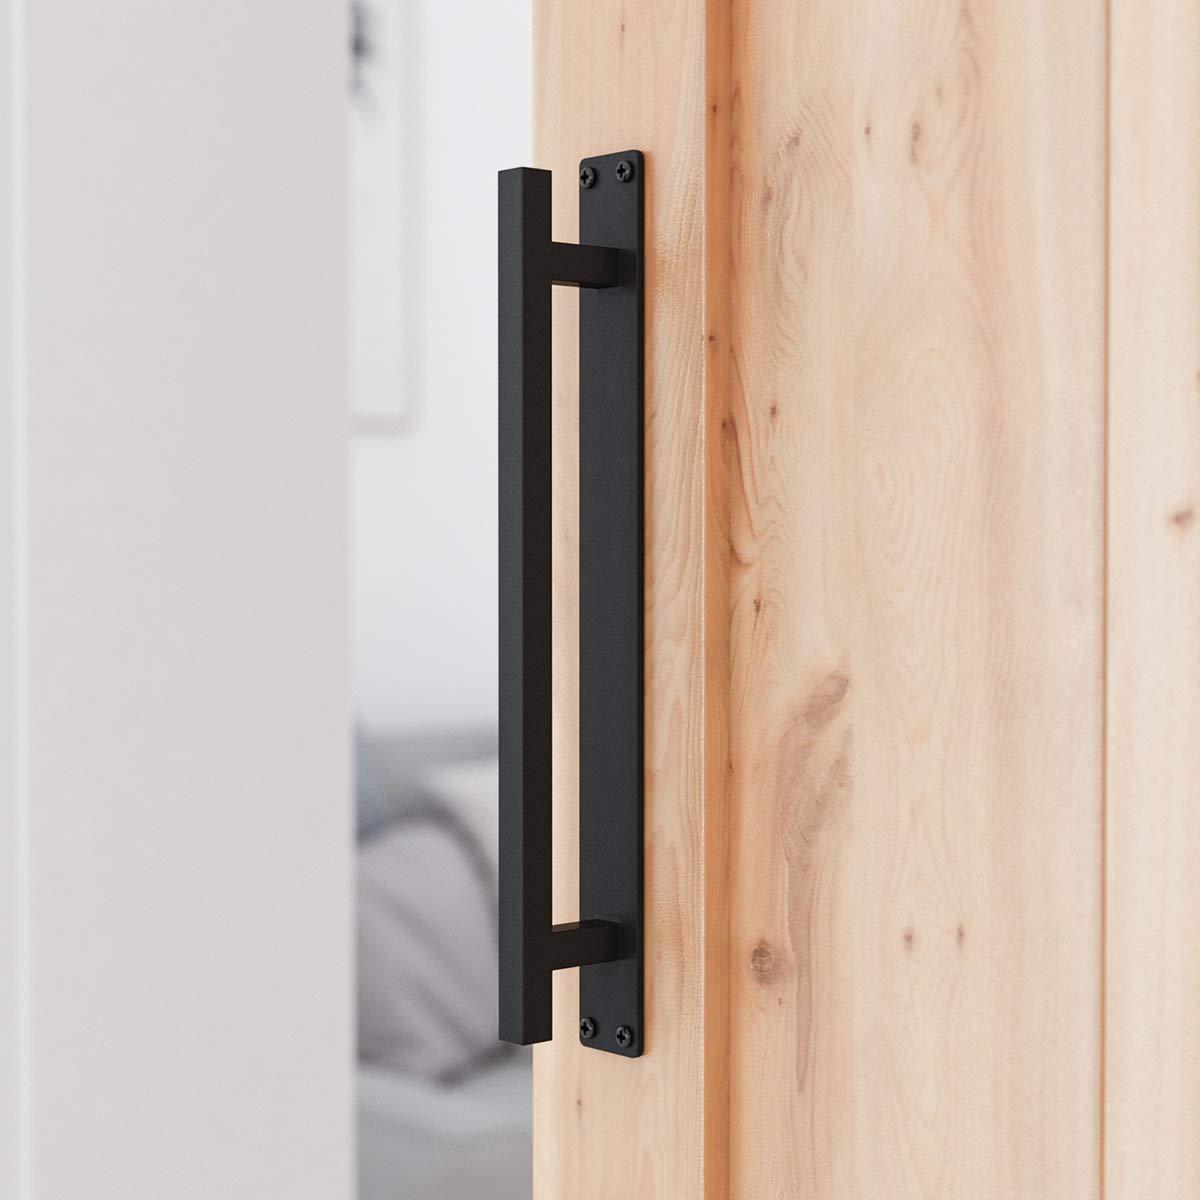 """SMARTSTANDARD 12"""" Rustic Barn Door Handle for Sliding Door - Heavy Duty Barn Door Hardware Black Door Pull Plate, Antique Long Base Gate Handles Pulls Push"""